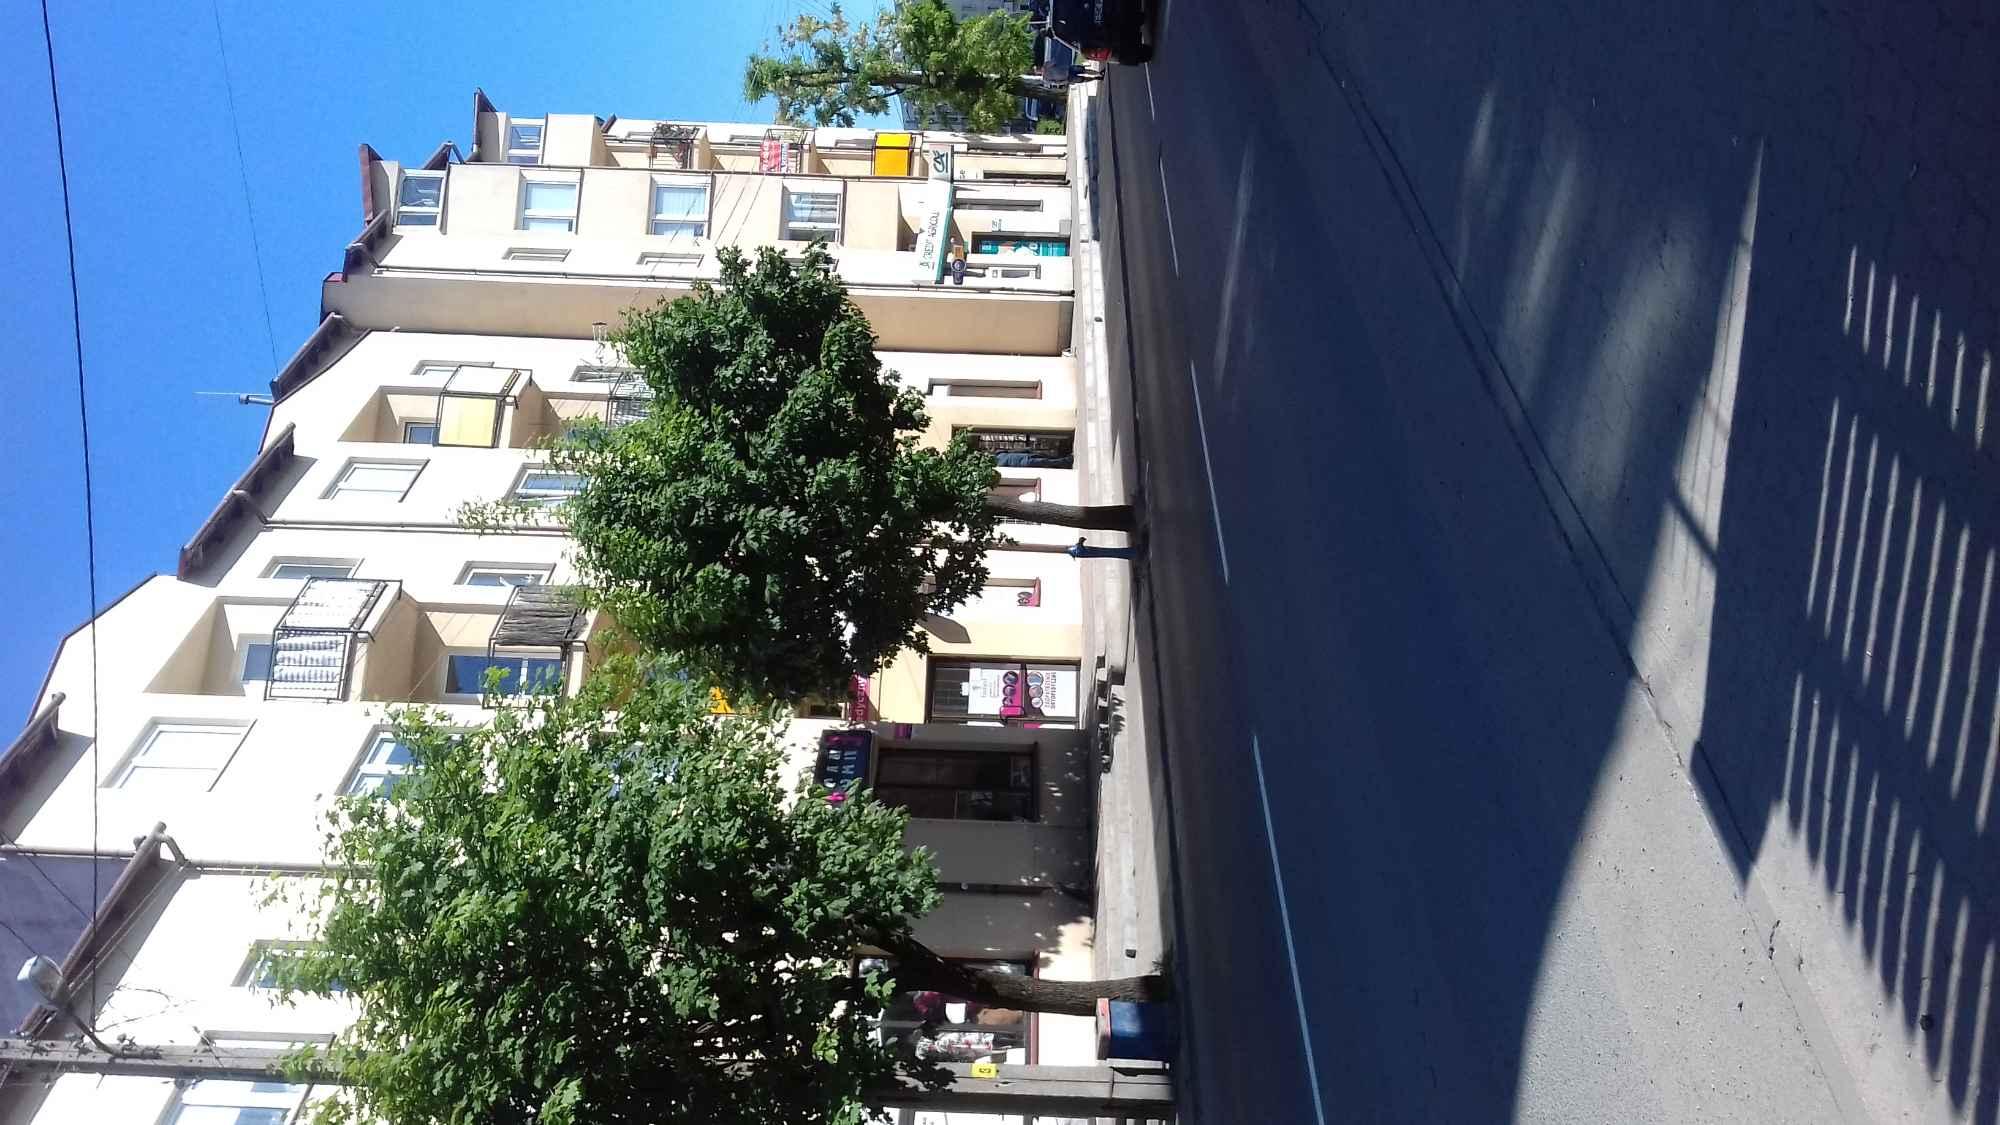 Lokal na biuro  usługi  handel centrum  Skierniewic sprzedaz Skierniewice - zdjęcie 2